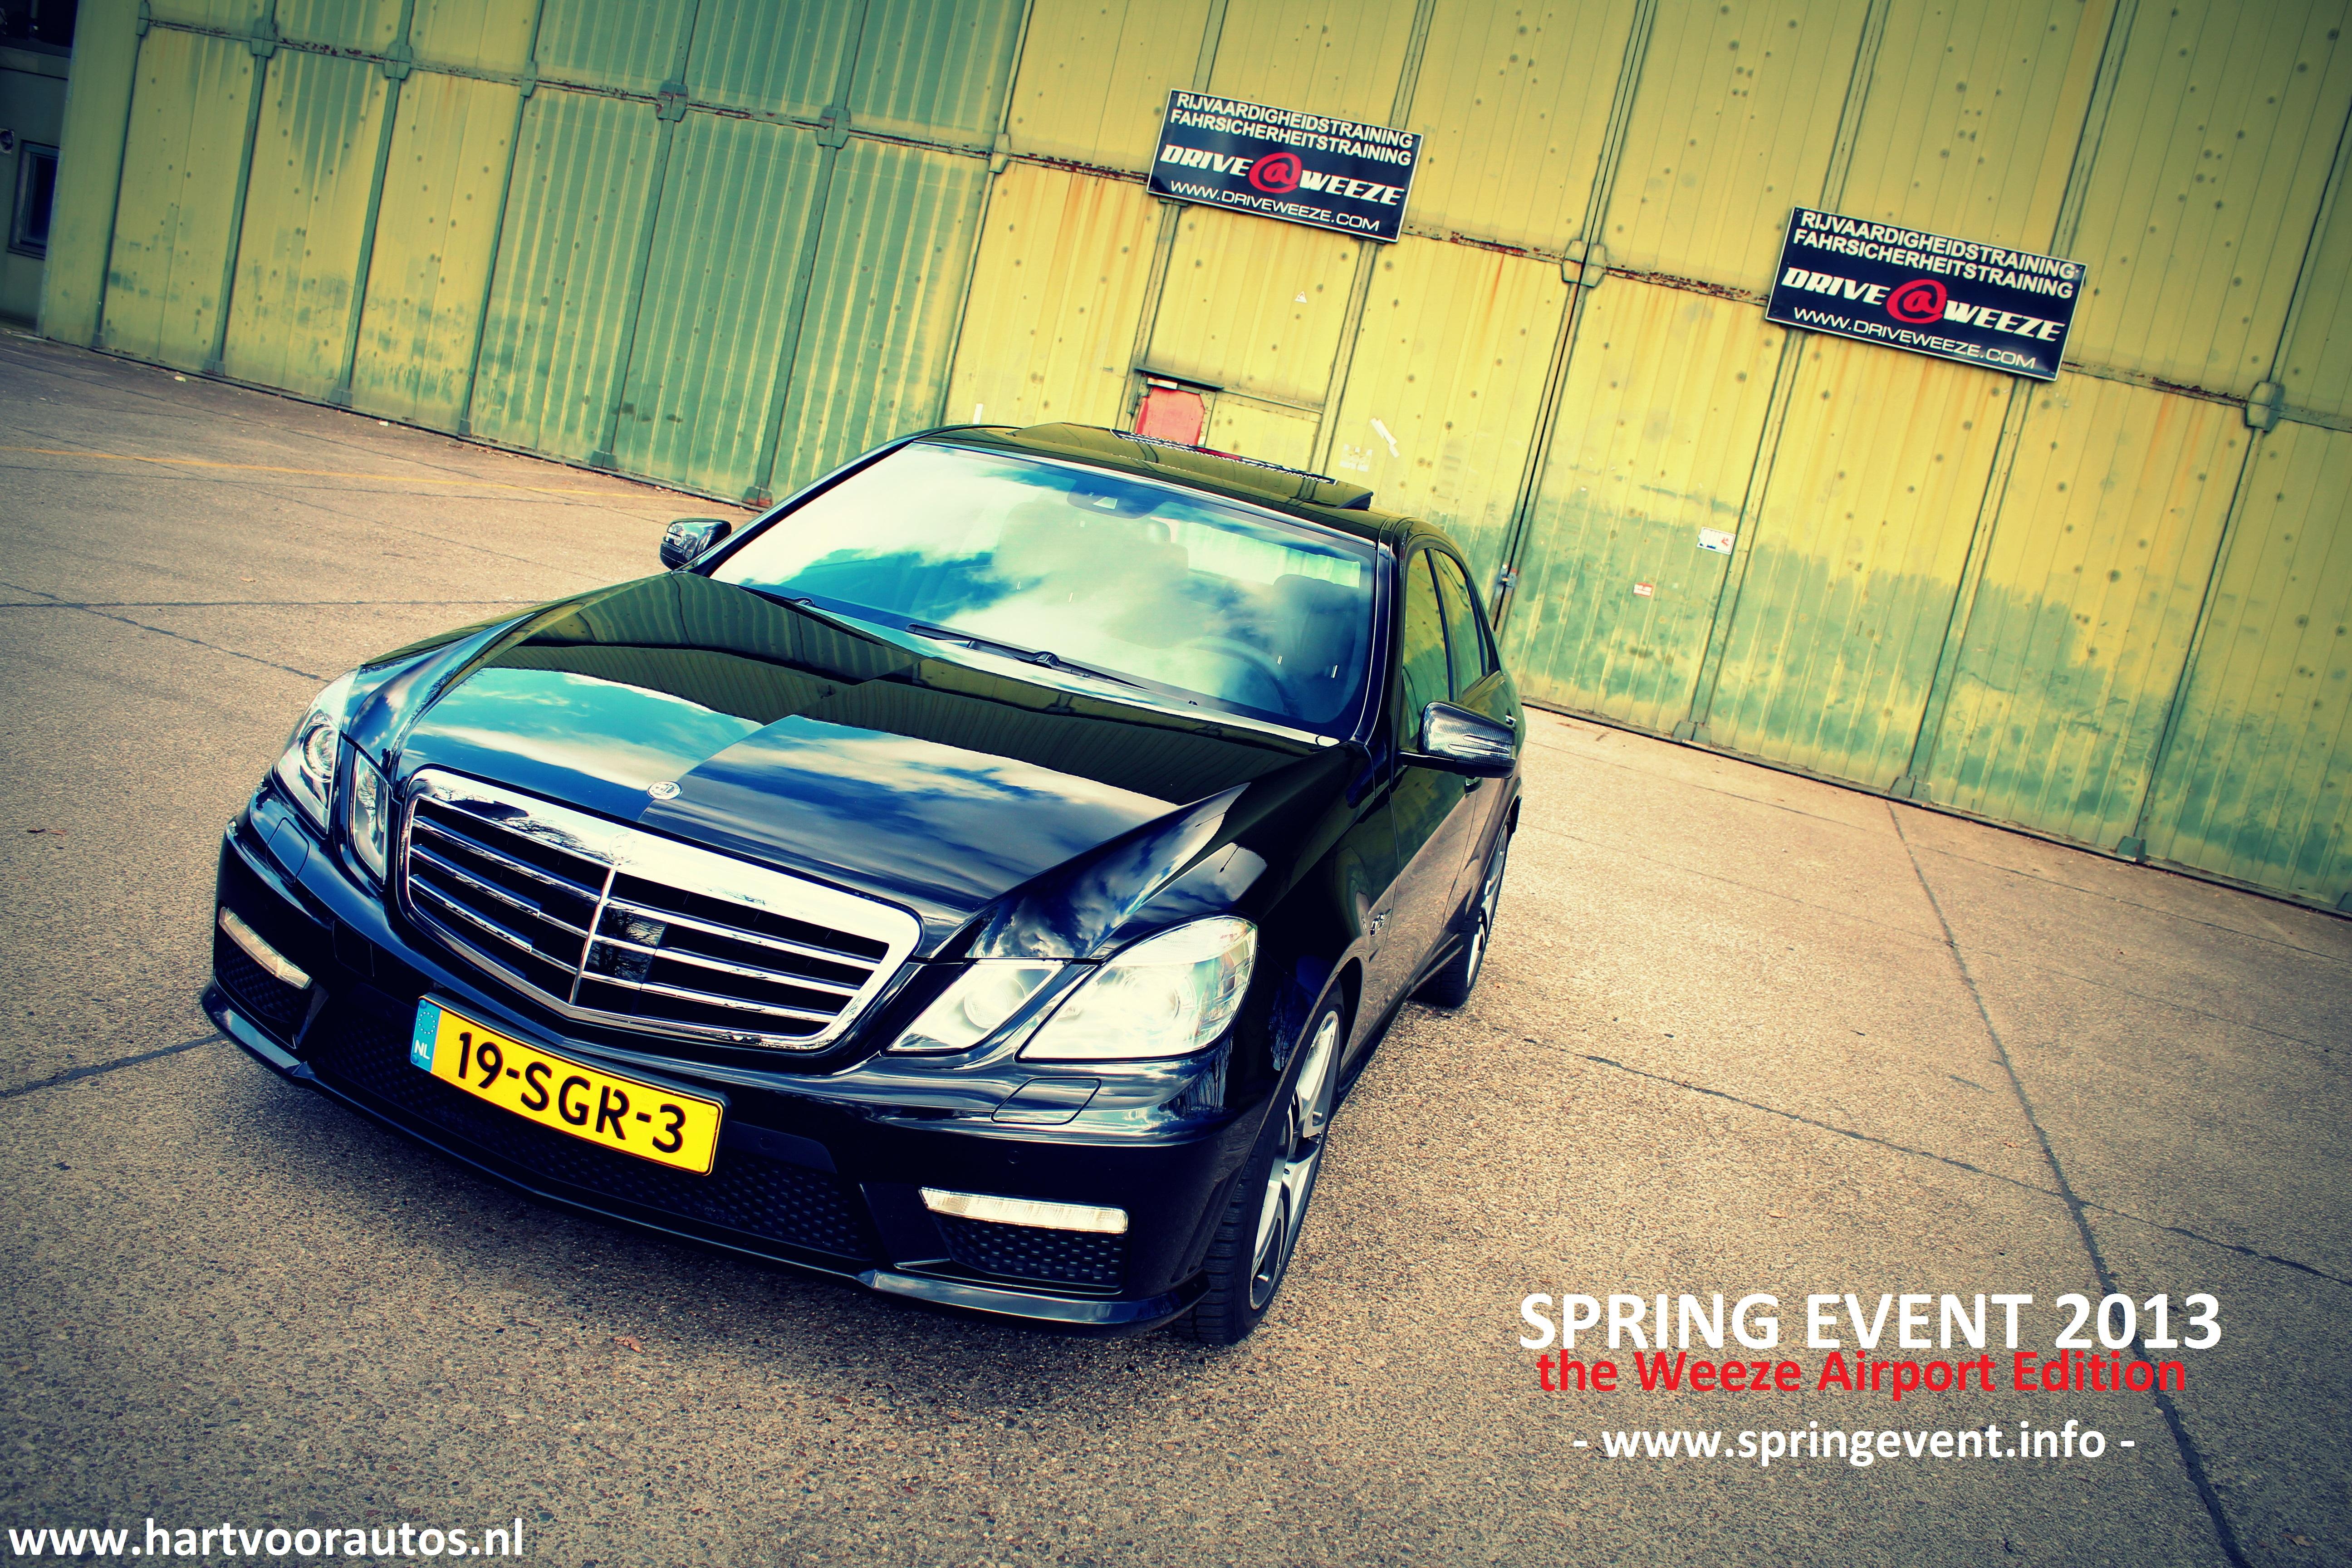 Mercedes-Benz E63 @ Weeze Airport - www.hartvoorautos.nl